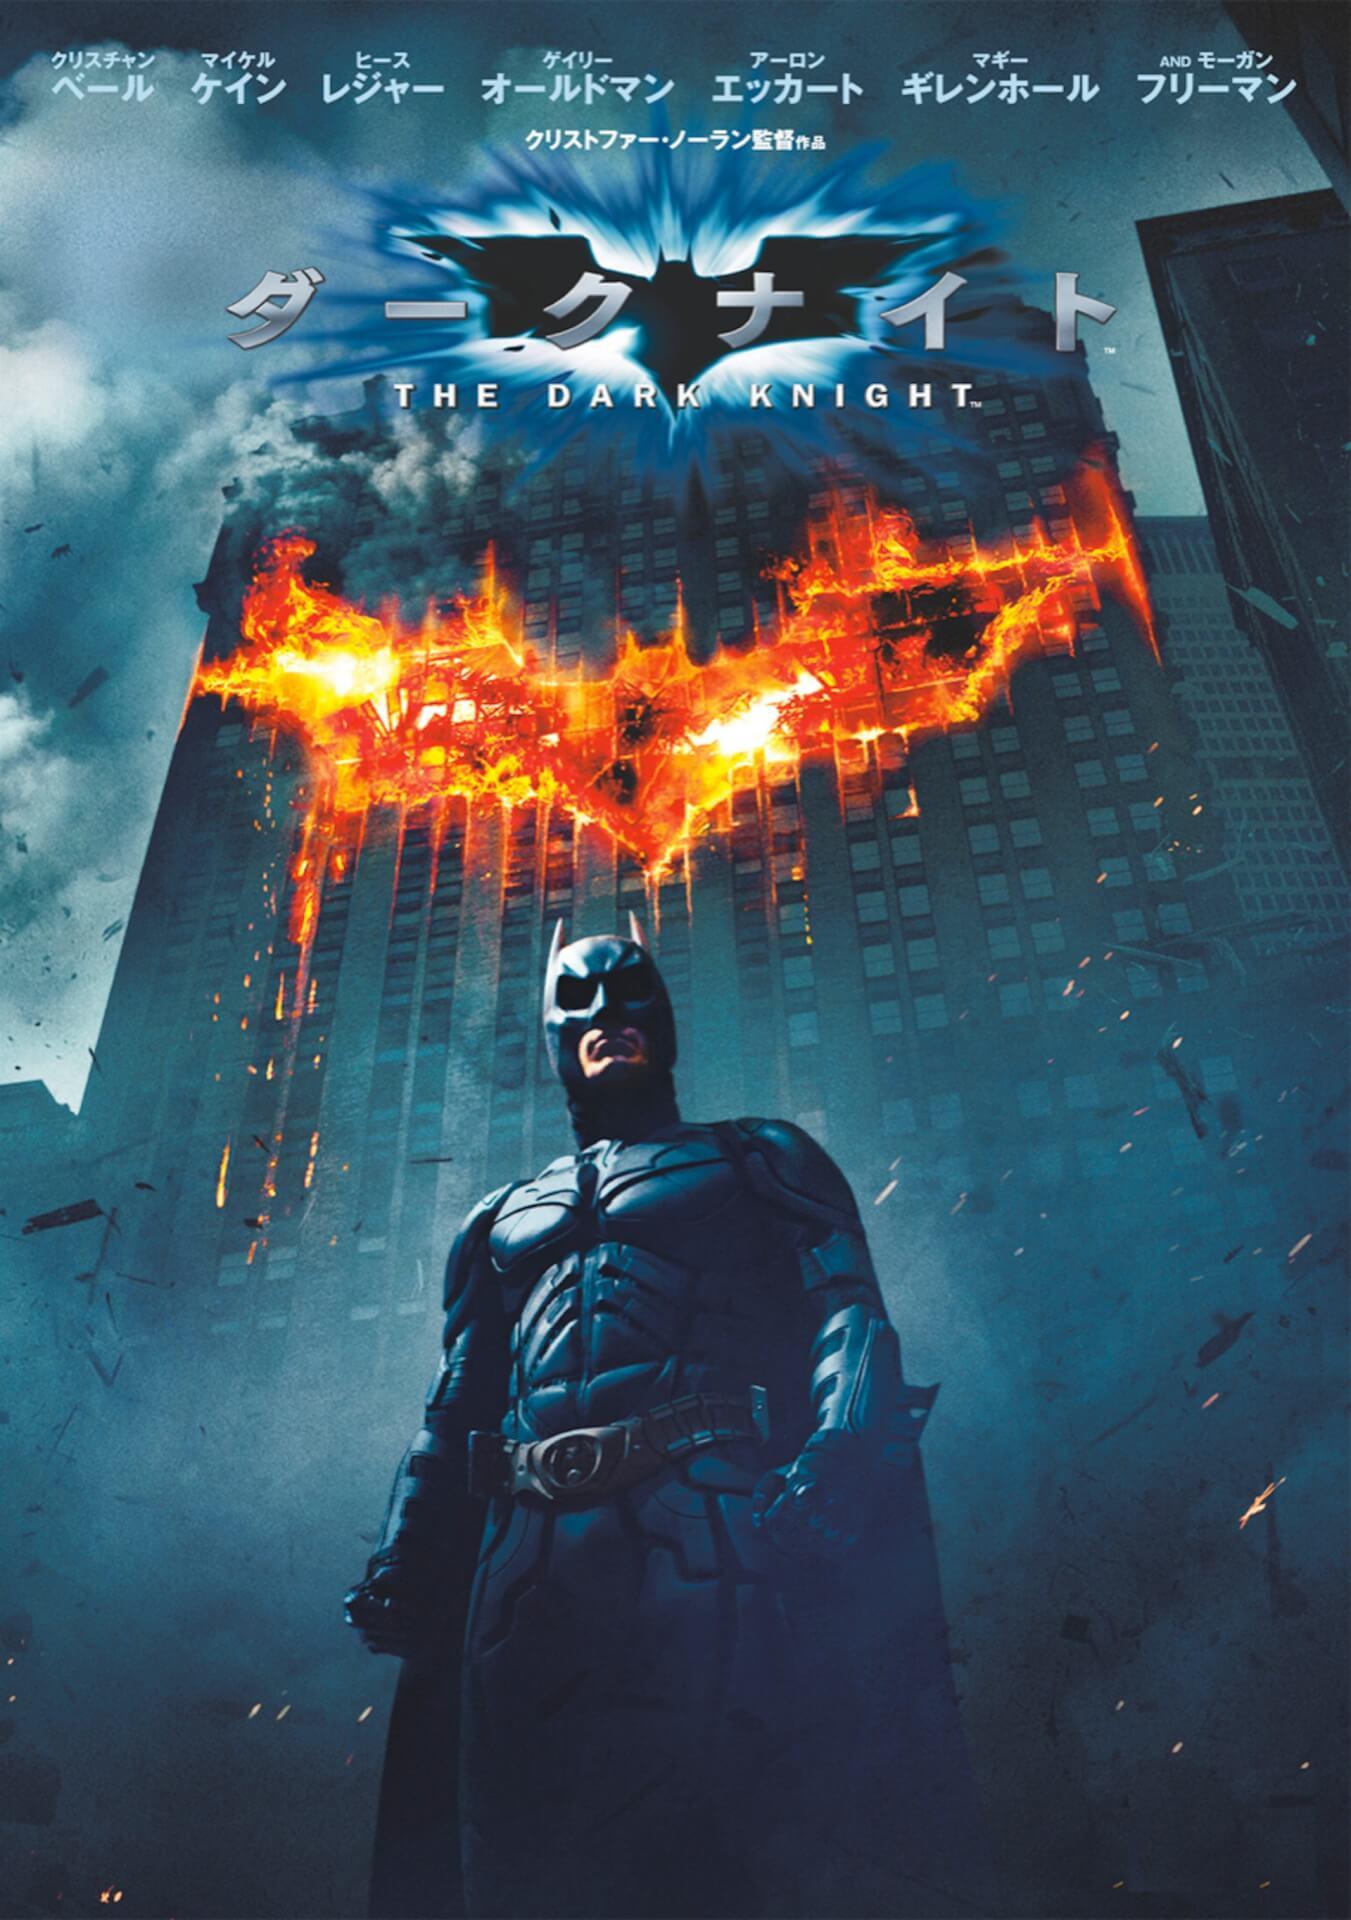 バットマン80周年記念!バットマン映画8作品が各局で放送|渋谷では「バットシグナル」も照射、コラボグッズ販売も film190917_batman80_03